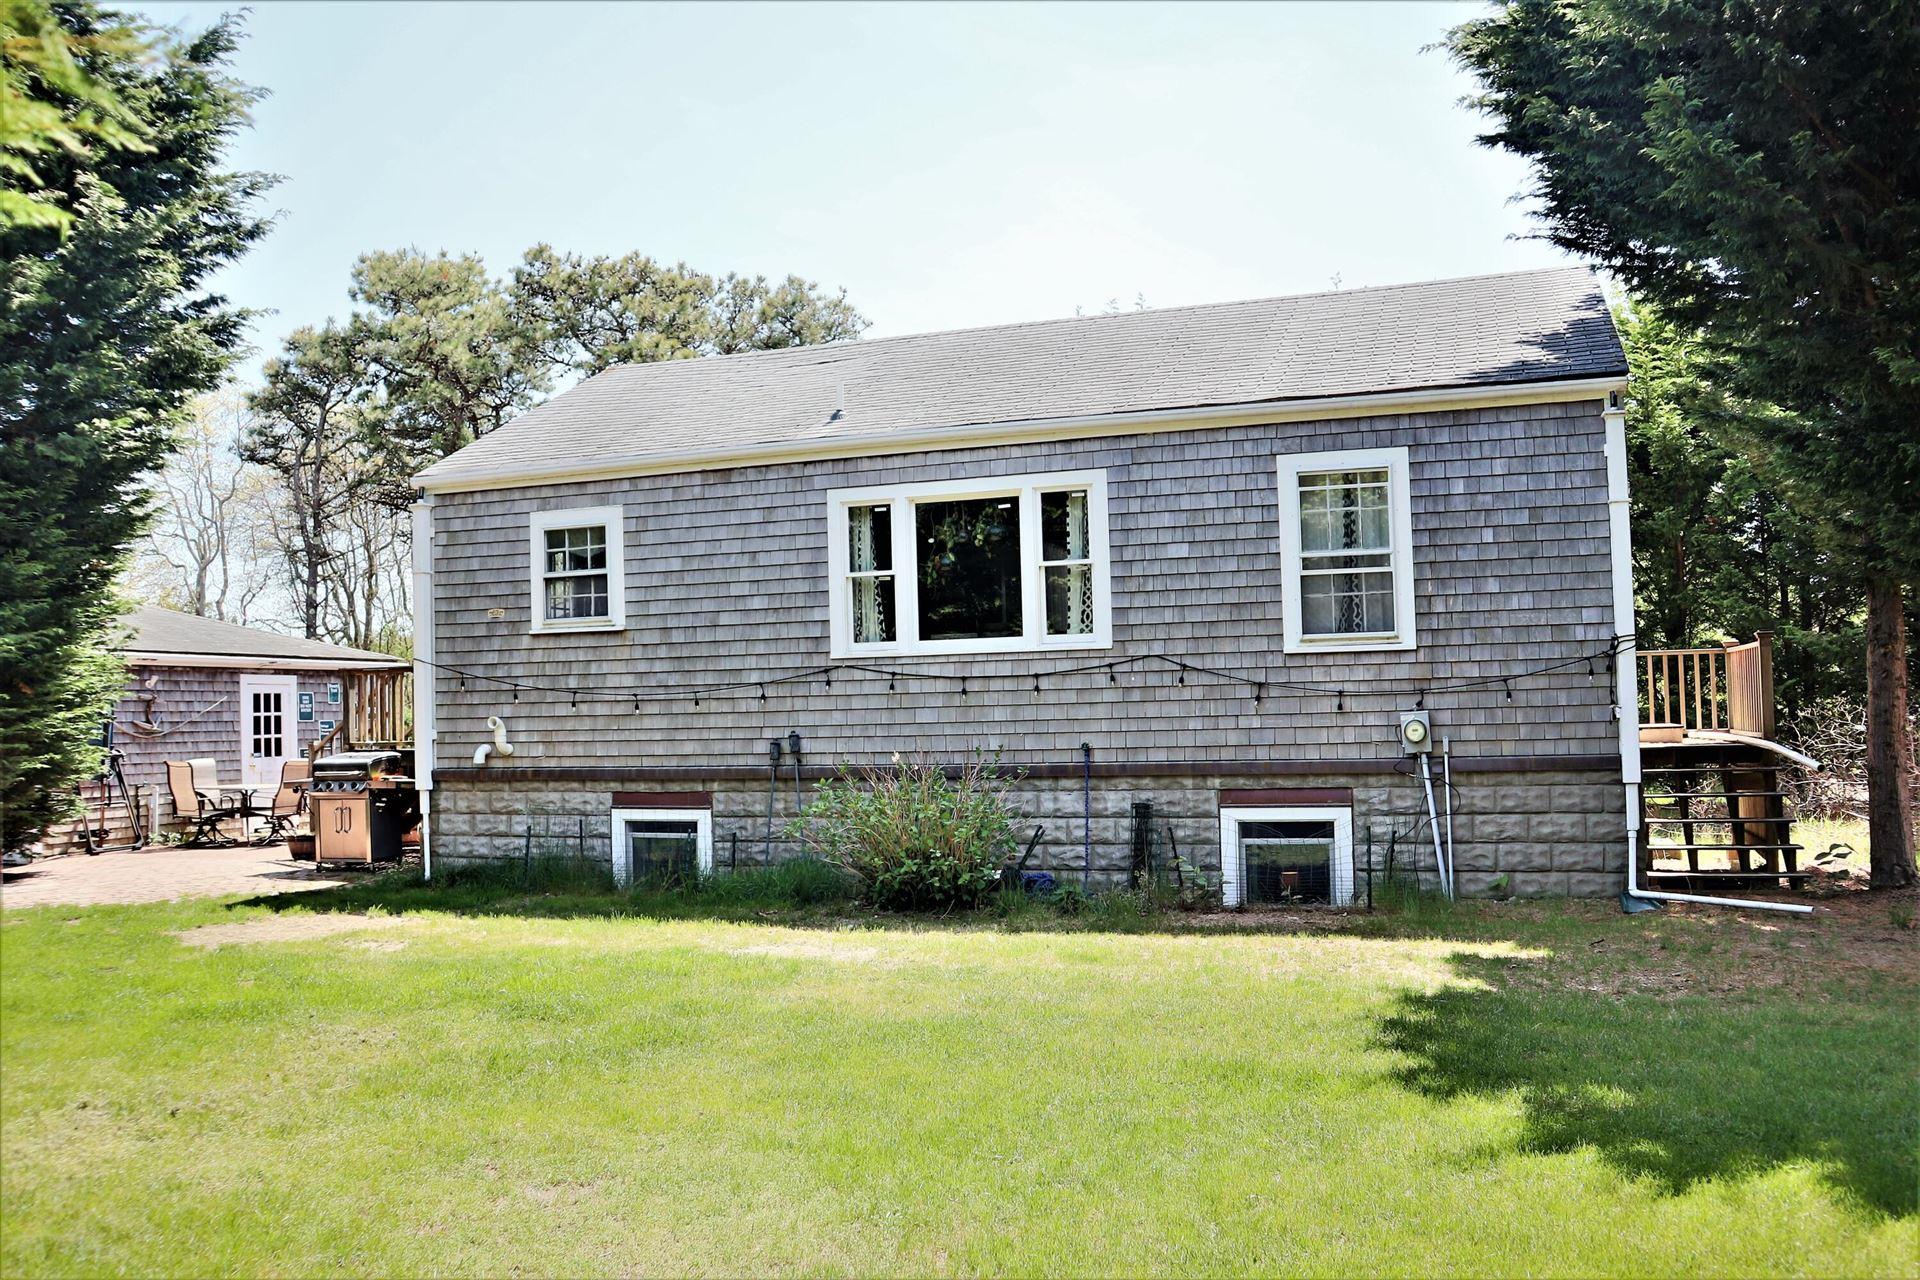 Photo of 10 Miller Lane, Nantucket, MA 02554 (MLS # 22102831)